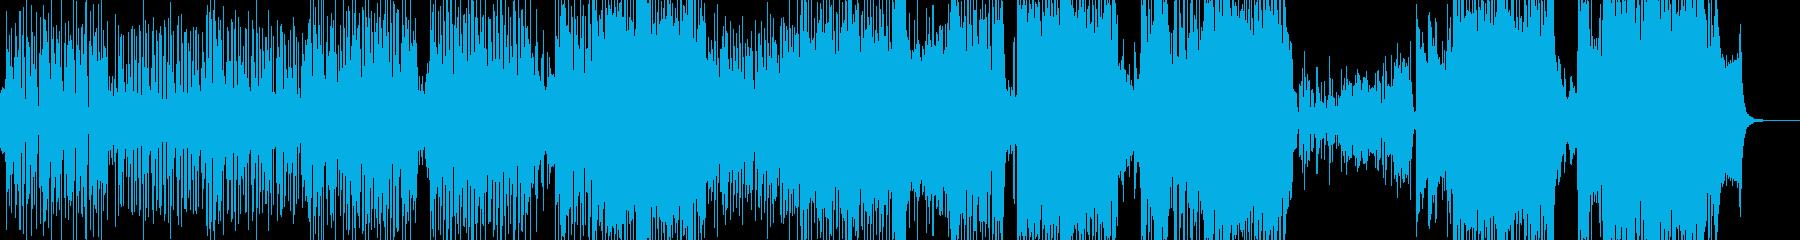 ウクレレ・南国のアコギテクノポップ ★の再生済みの波形